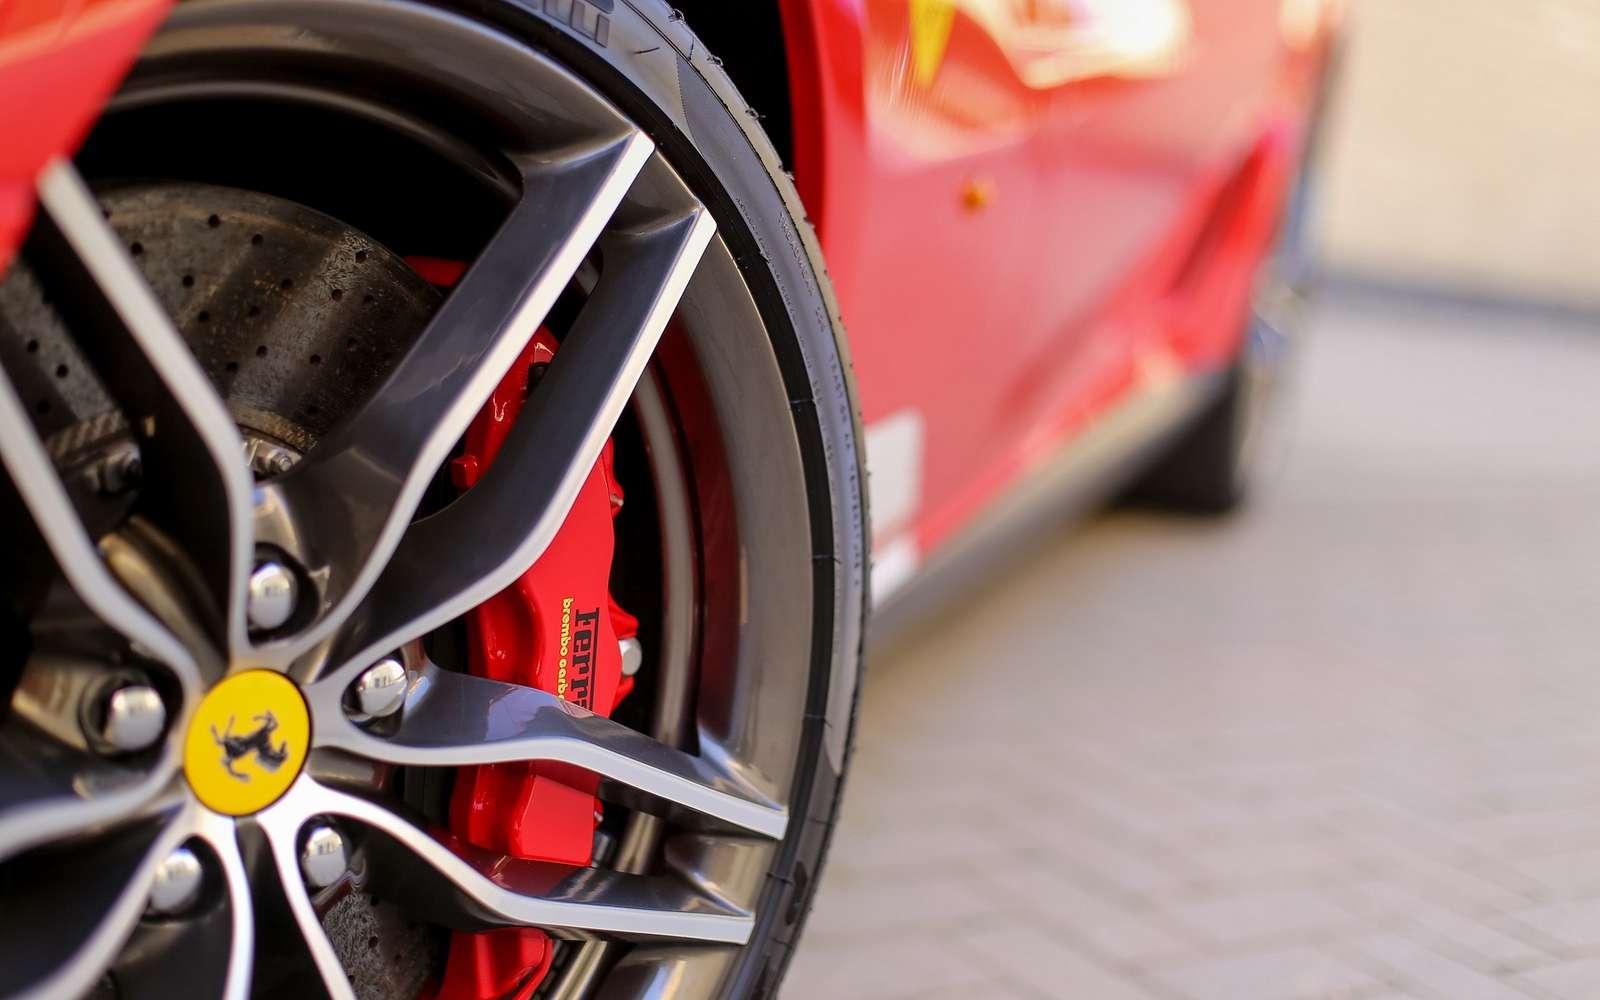 La sonorité d'une Ferrari est aussi importante que sa robe distinctive. © David Jewiss, CC0 Creative Commons, Pixabay